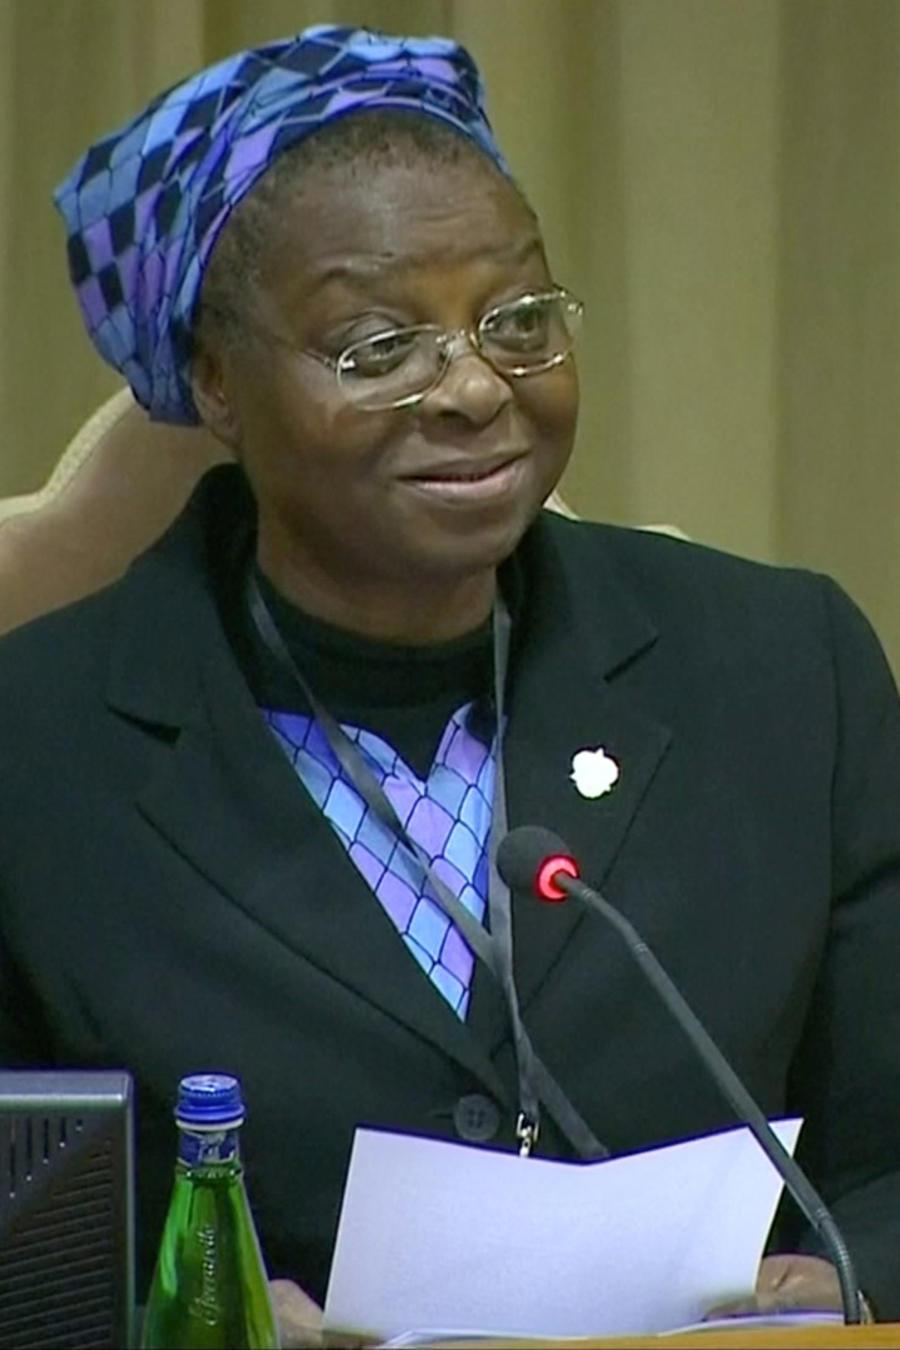 La monja nigeriana Veronica Openibo hoy en la conferencia de obispos sobre abusos sexuales